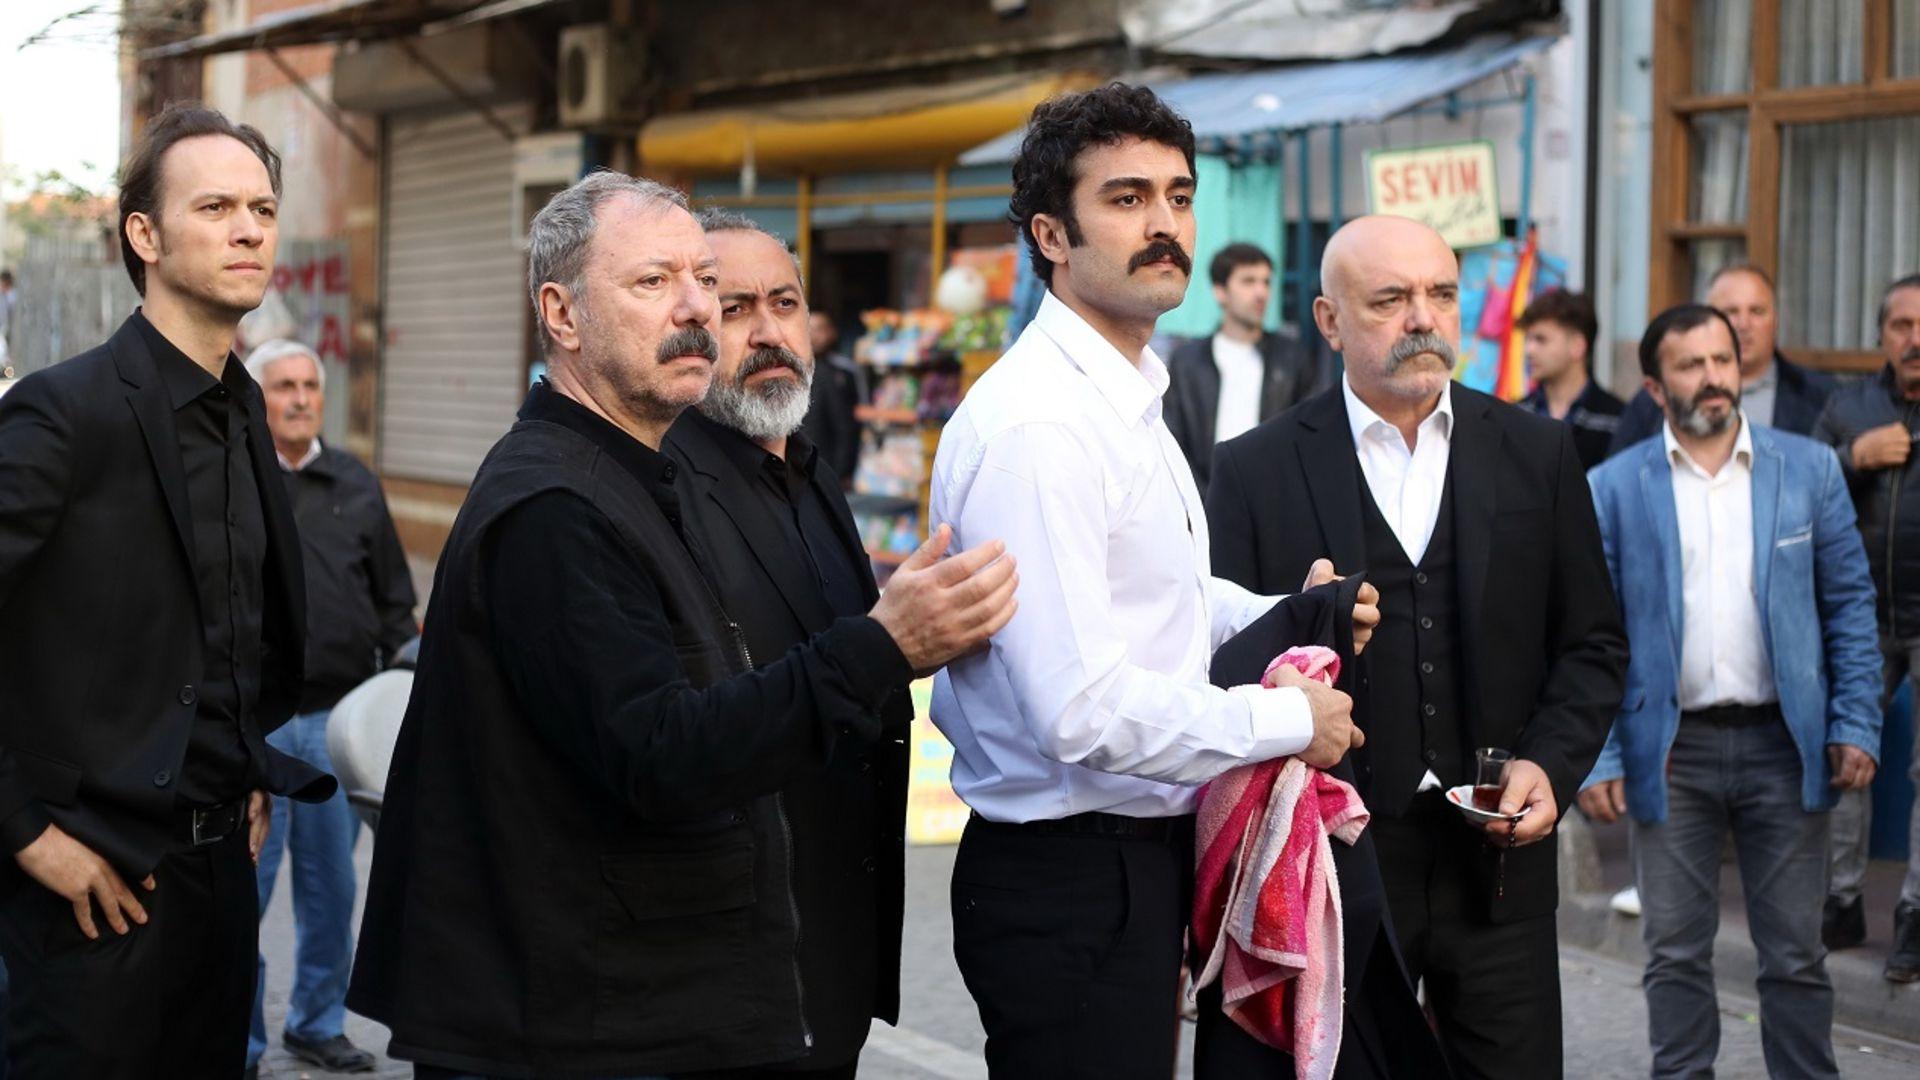 Selim, düğün gününde Cemil'i öldürdü!